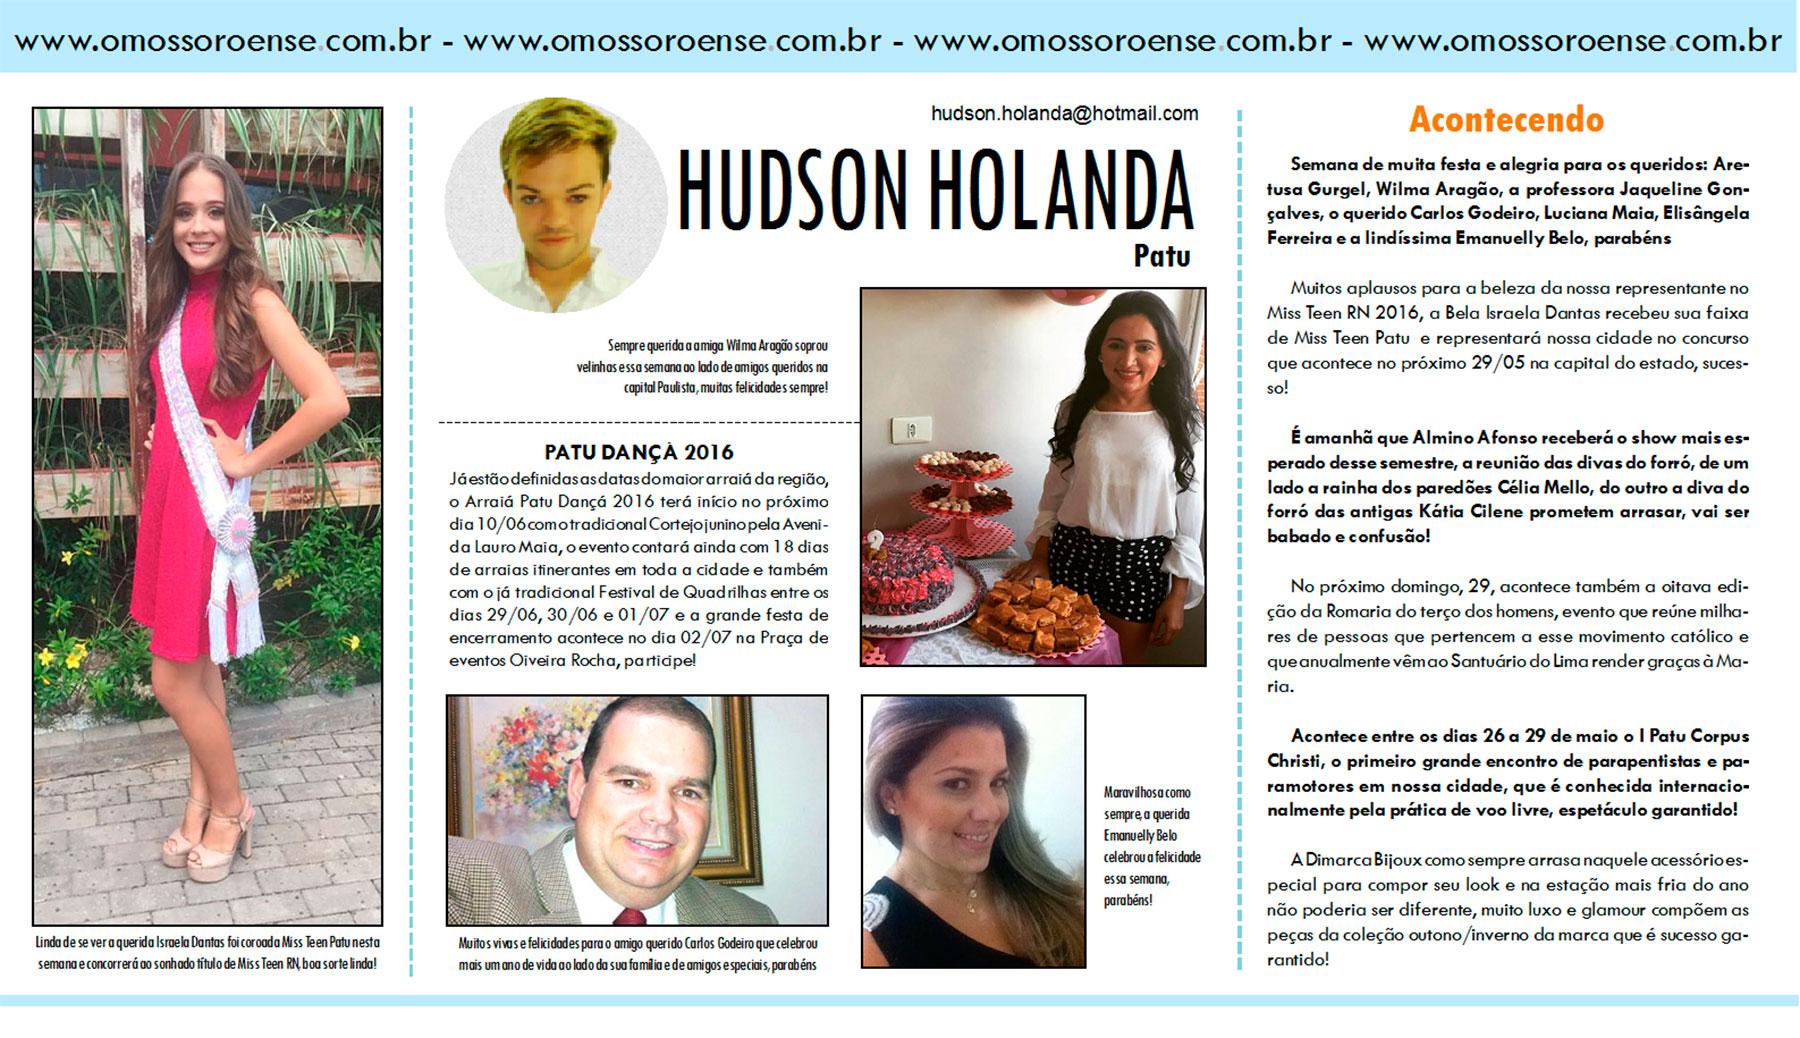 HUDSON-HOLANDA-20-05-16